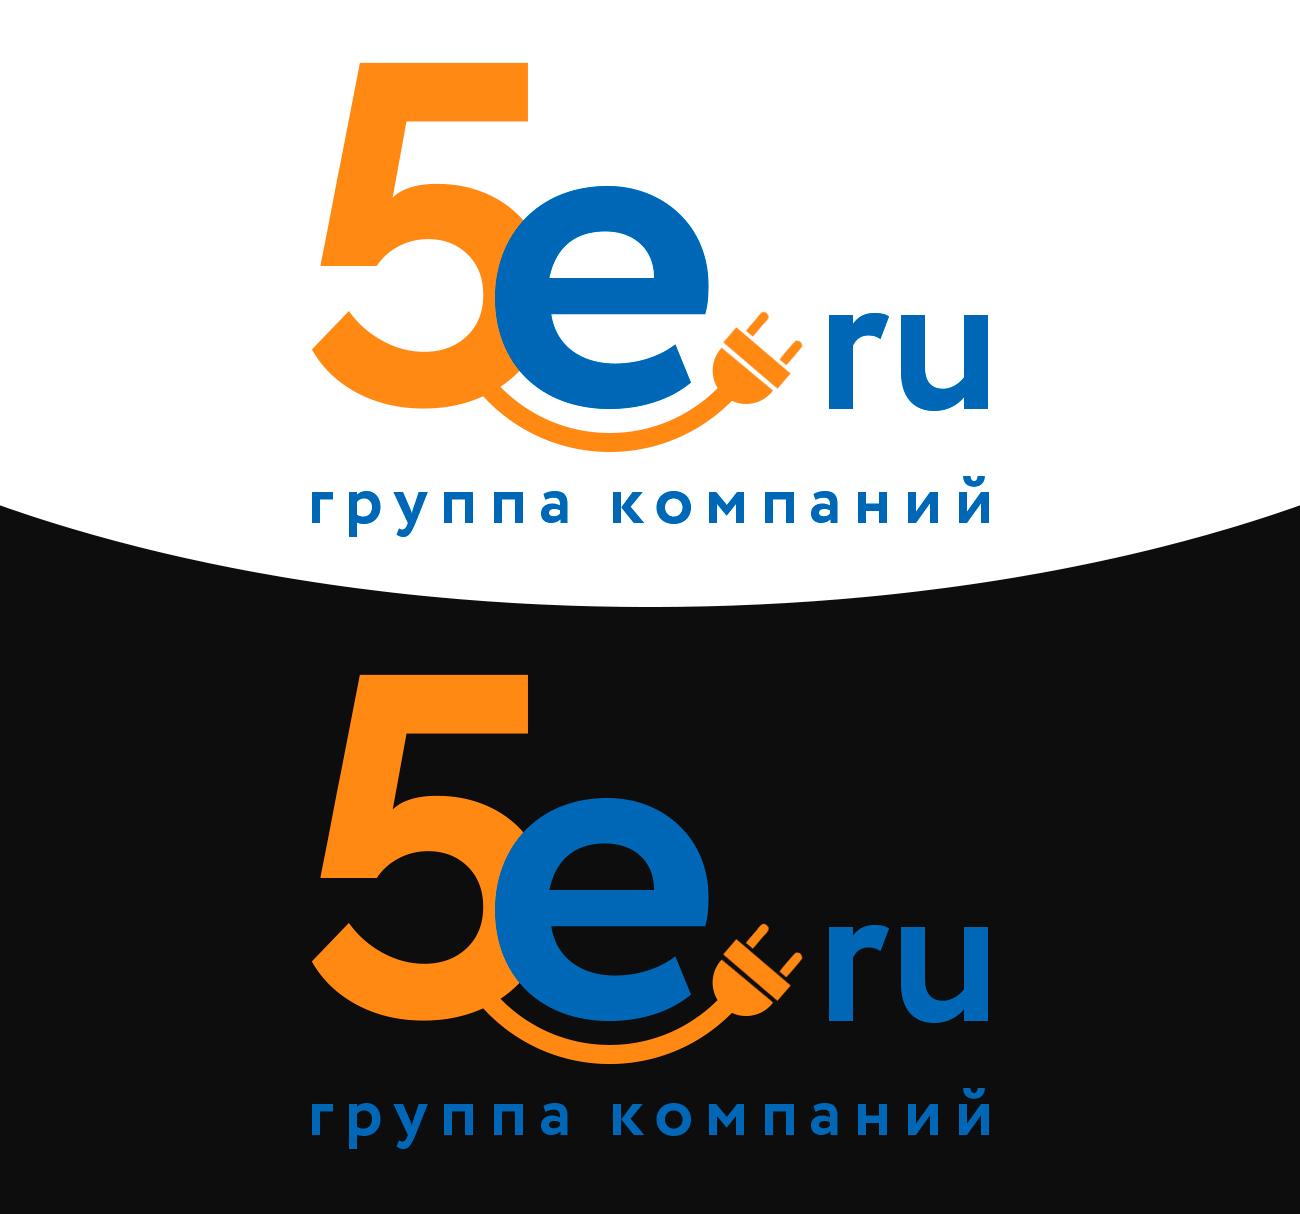 Нарисовать логотип для группы компаний  фото f_2535cdc6b5db638f.jpg